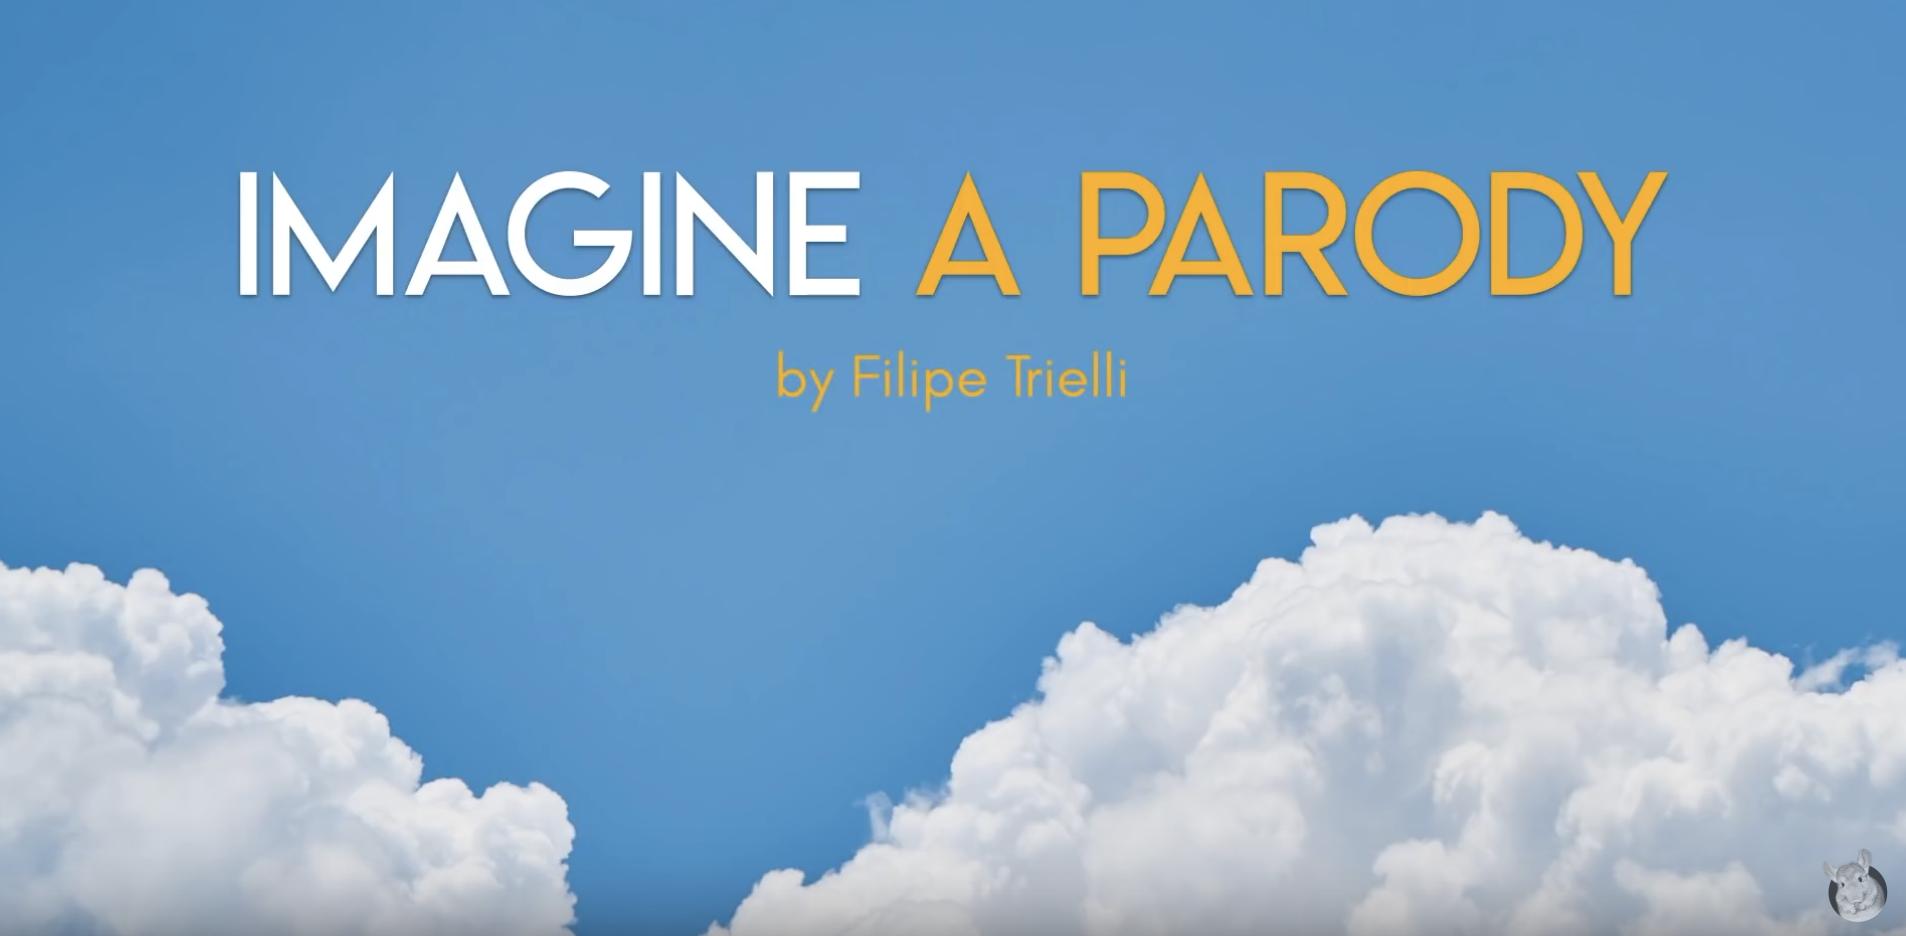 Imagine - uma paródia. Por Filipe Trielli